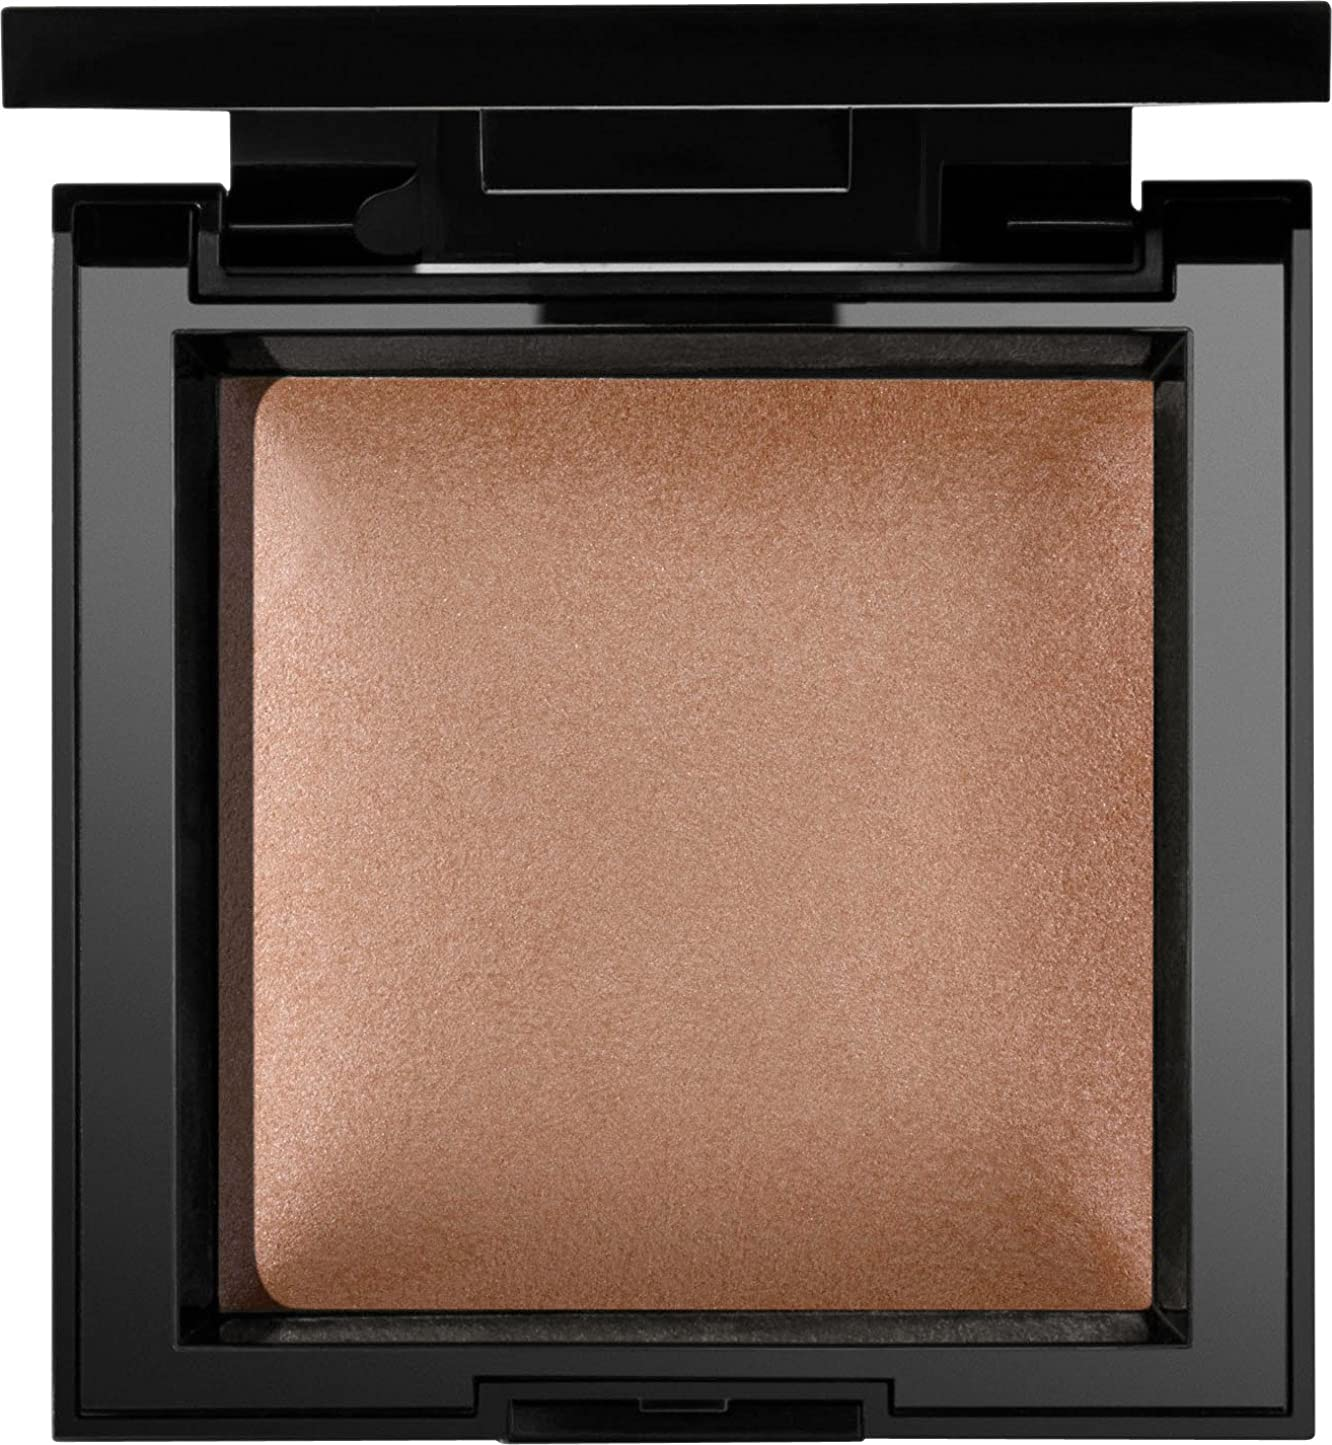 税金ドリンク送料ベアミネラル Invisible Bronze Powder Bronzer - Tan 7g/0.24oz並行輸入品